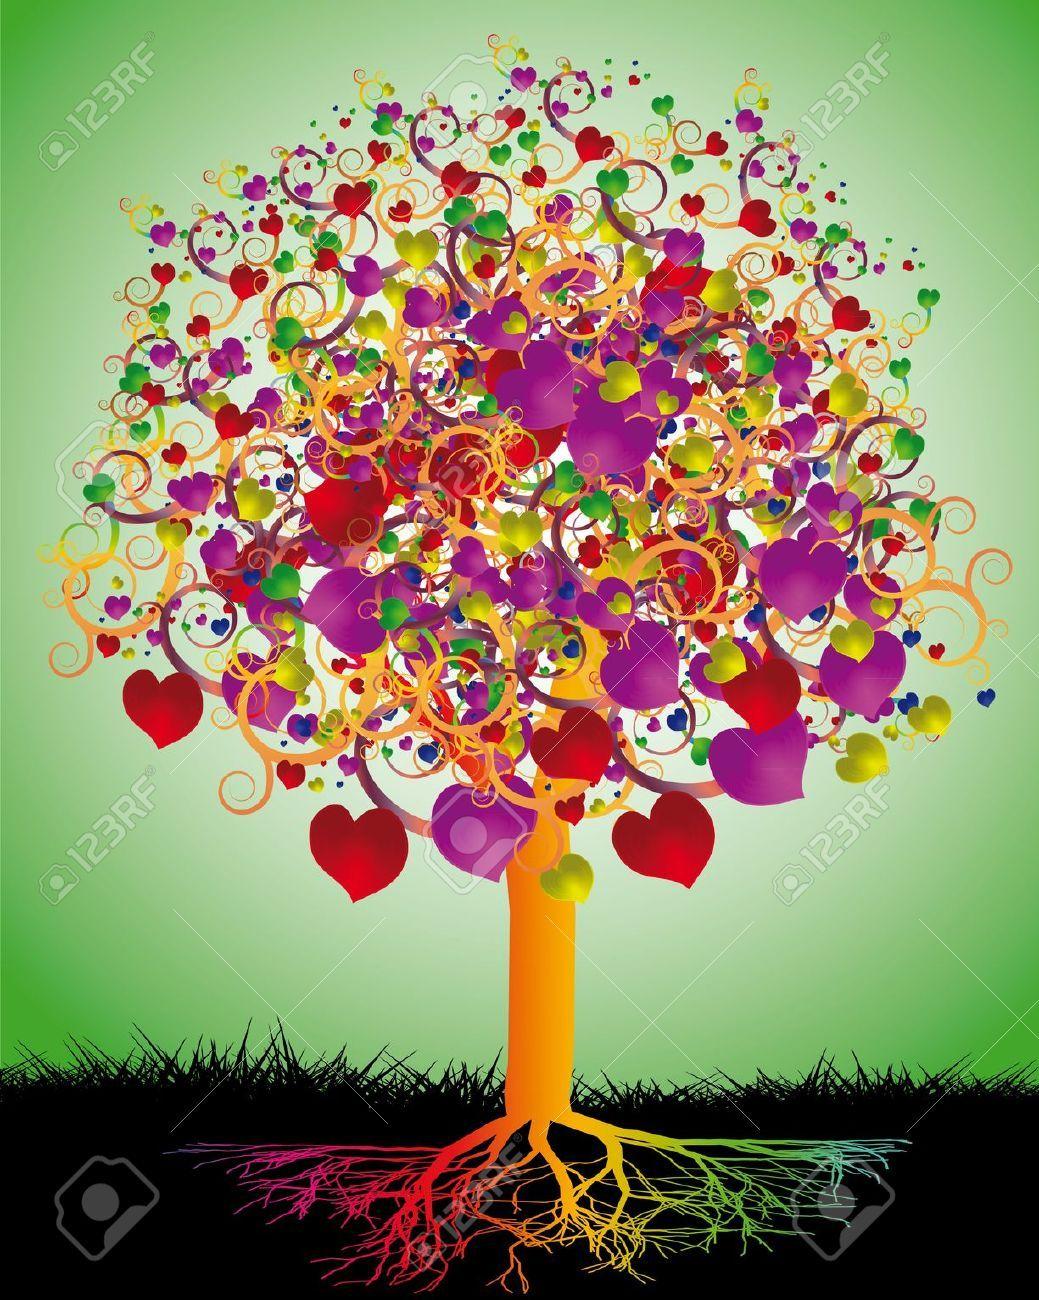 albero della vita disegno colorato